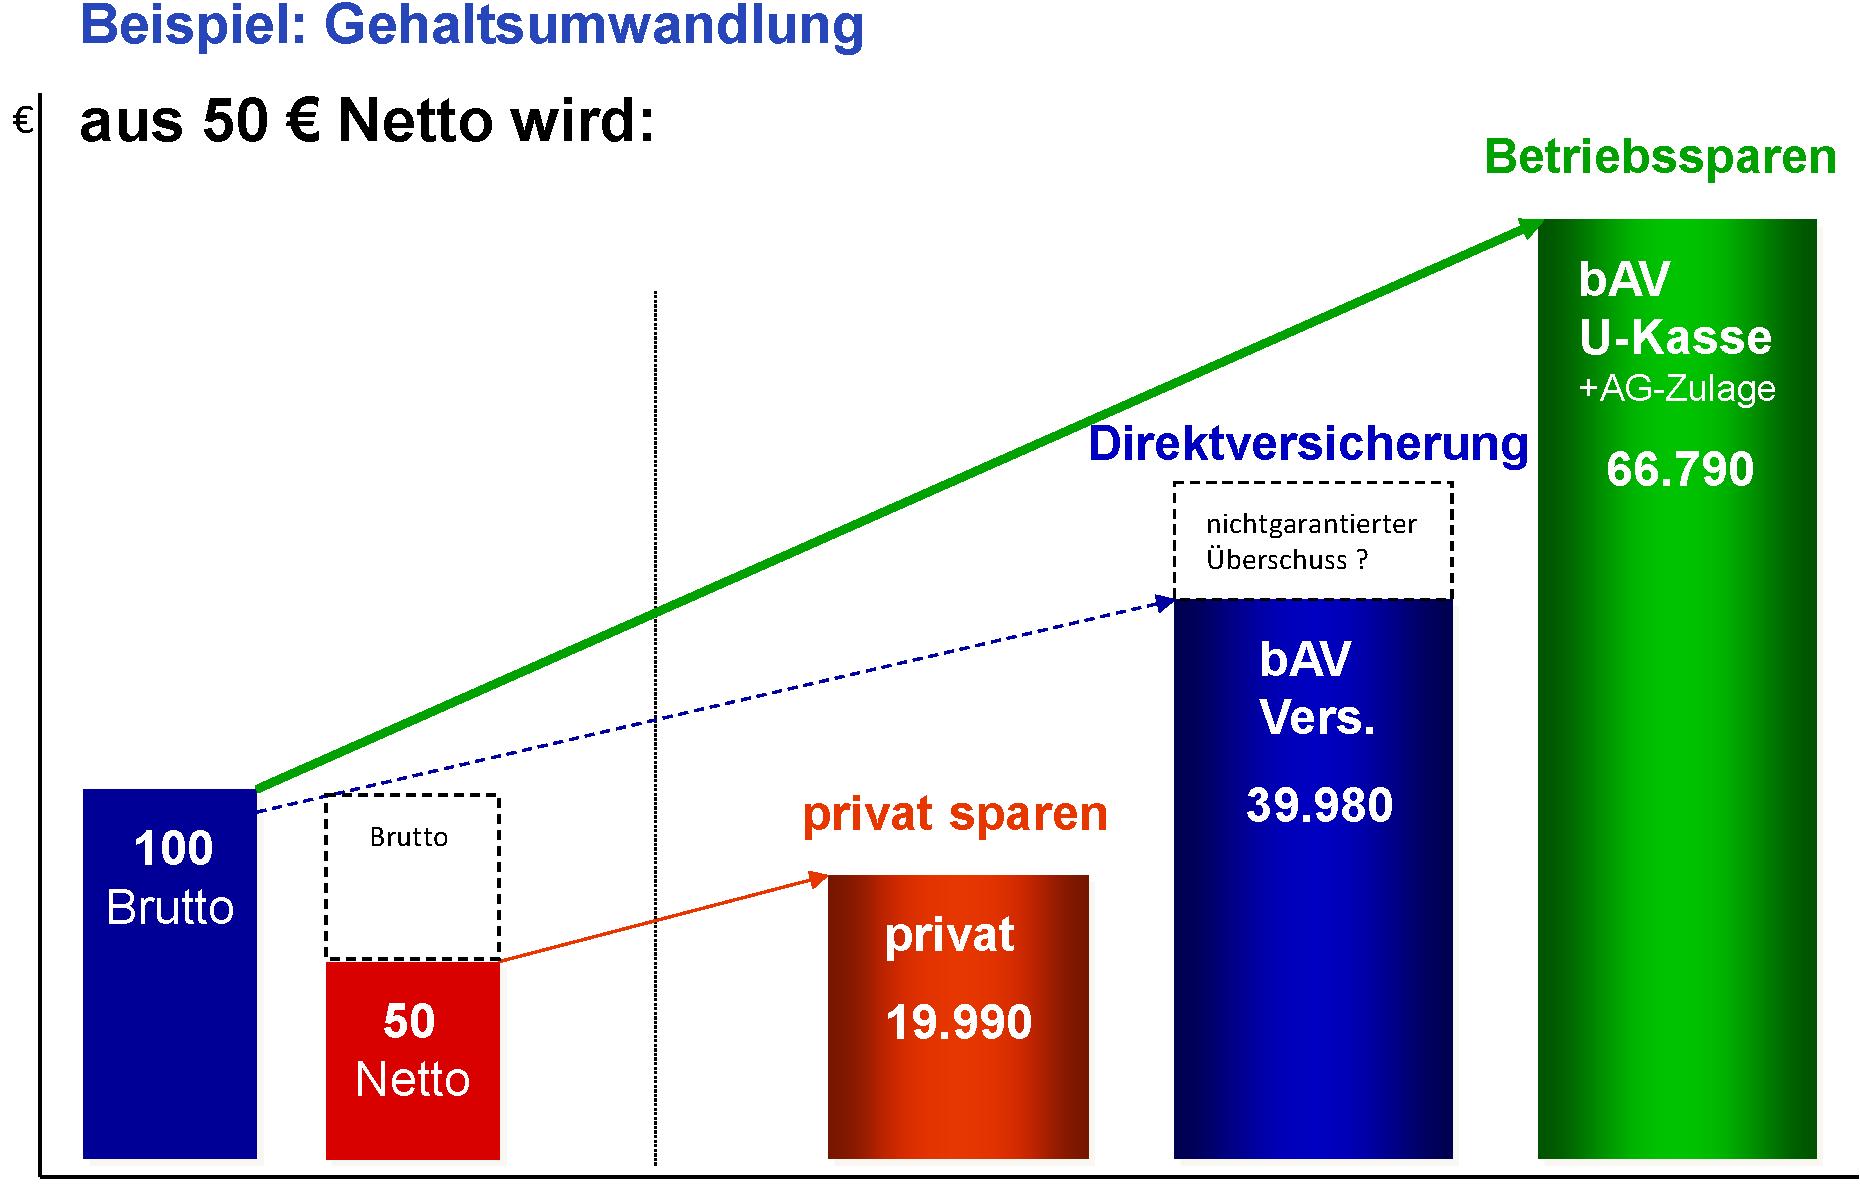 Vergleich Direktversicherung - UKasse als Grafik